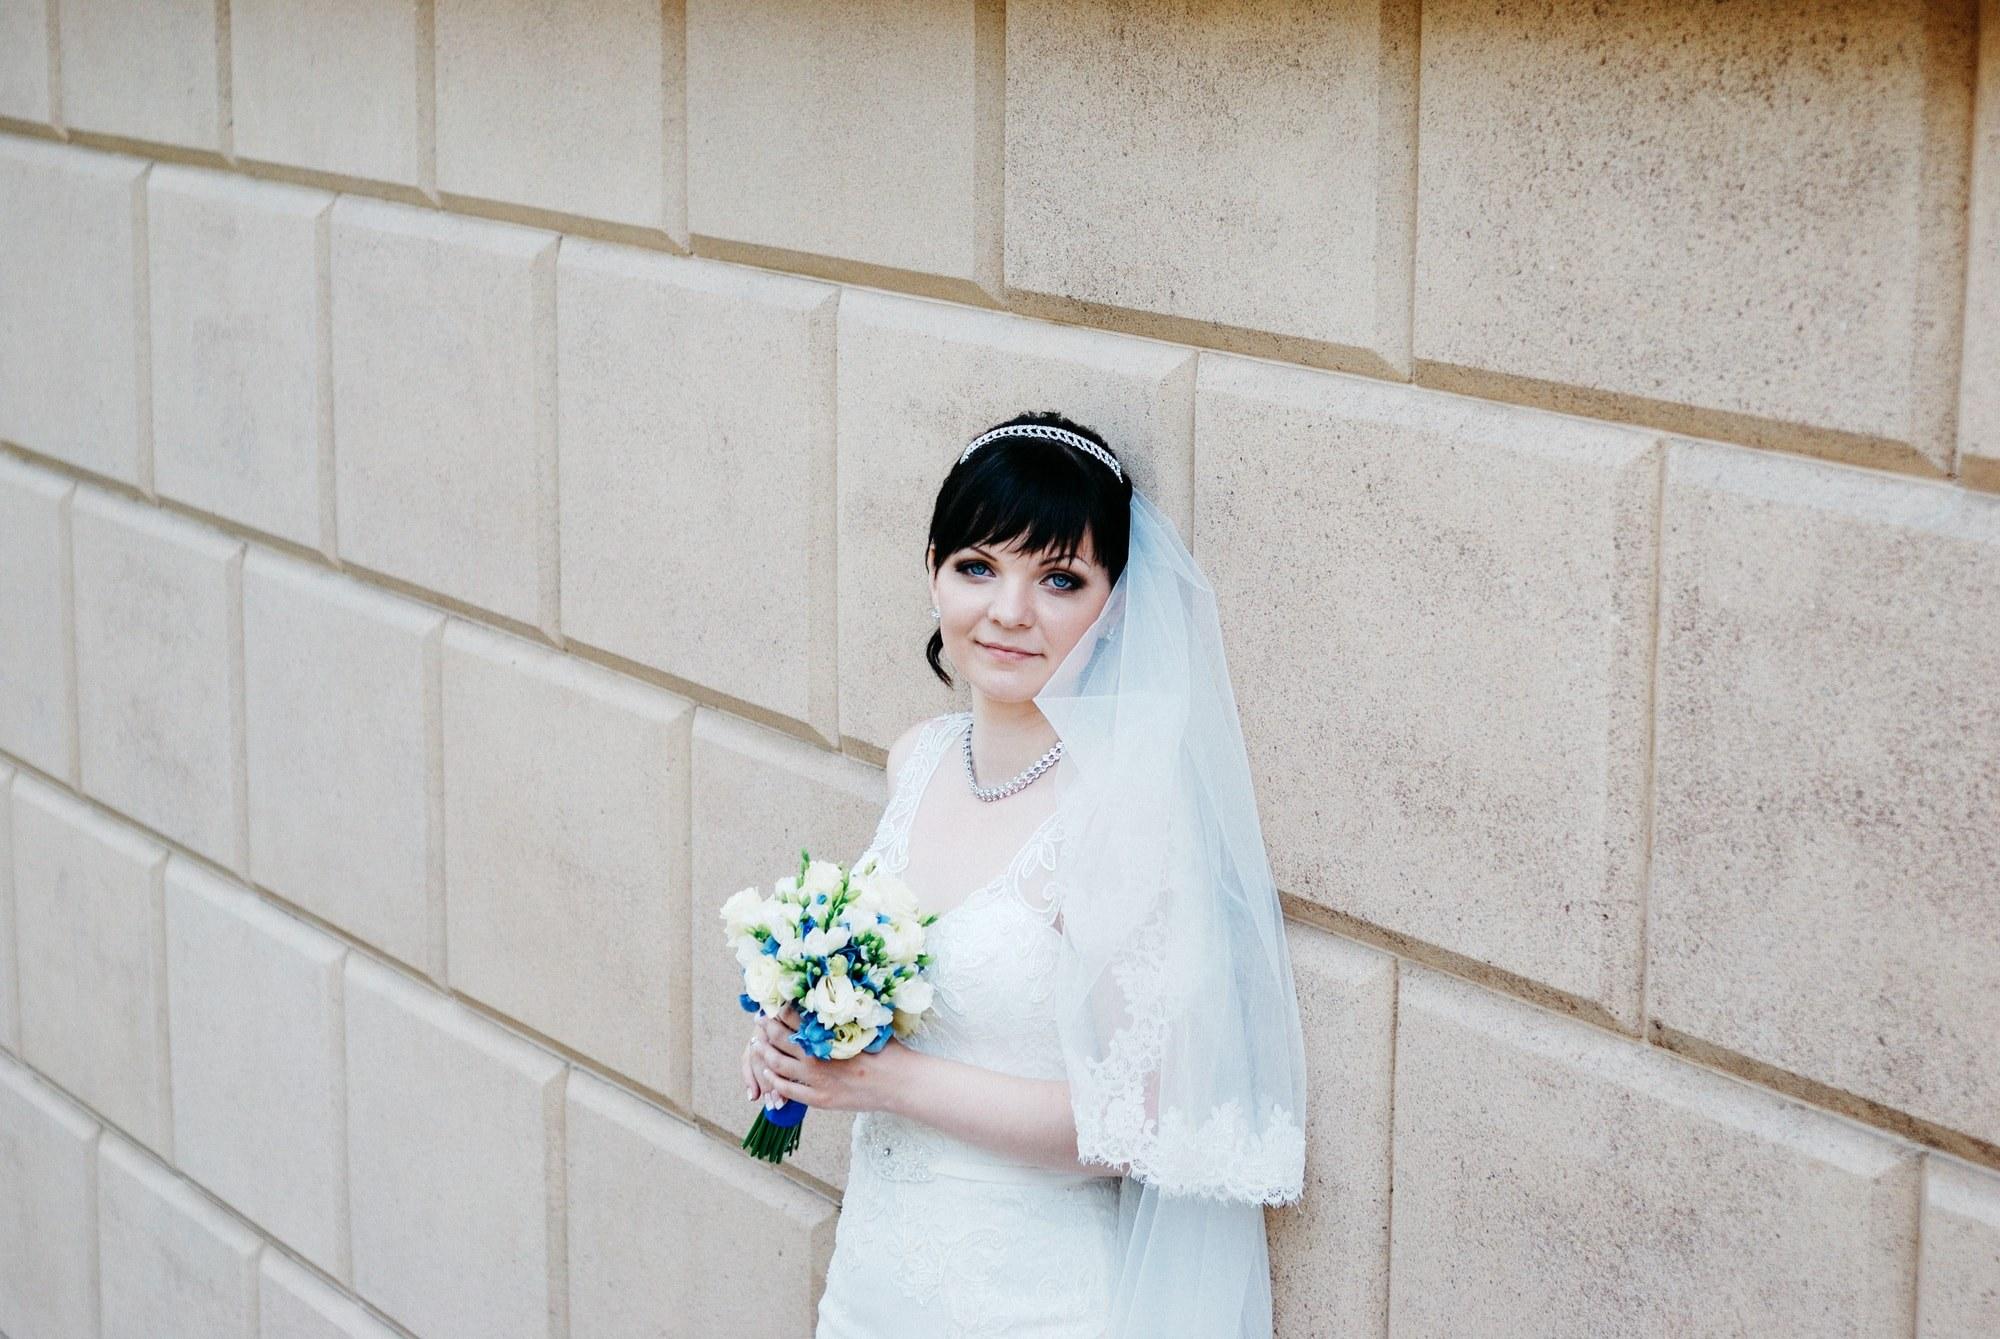 Невеста возле стены - Фотограф Киев - Женя Лайт